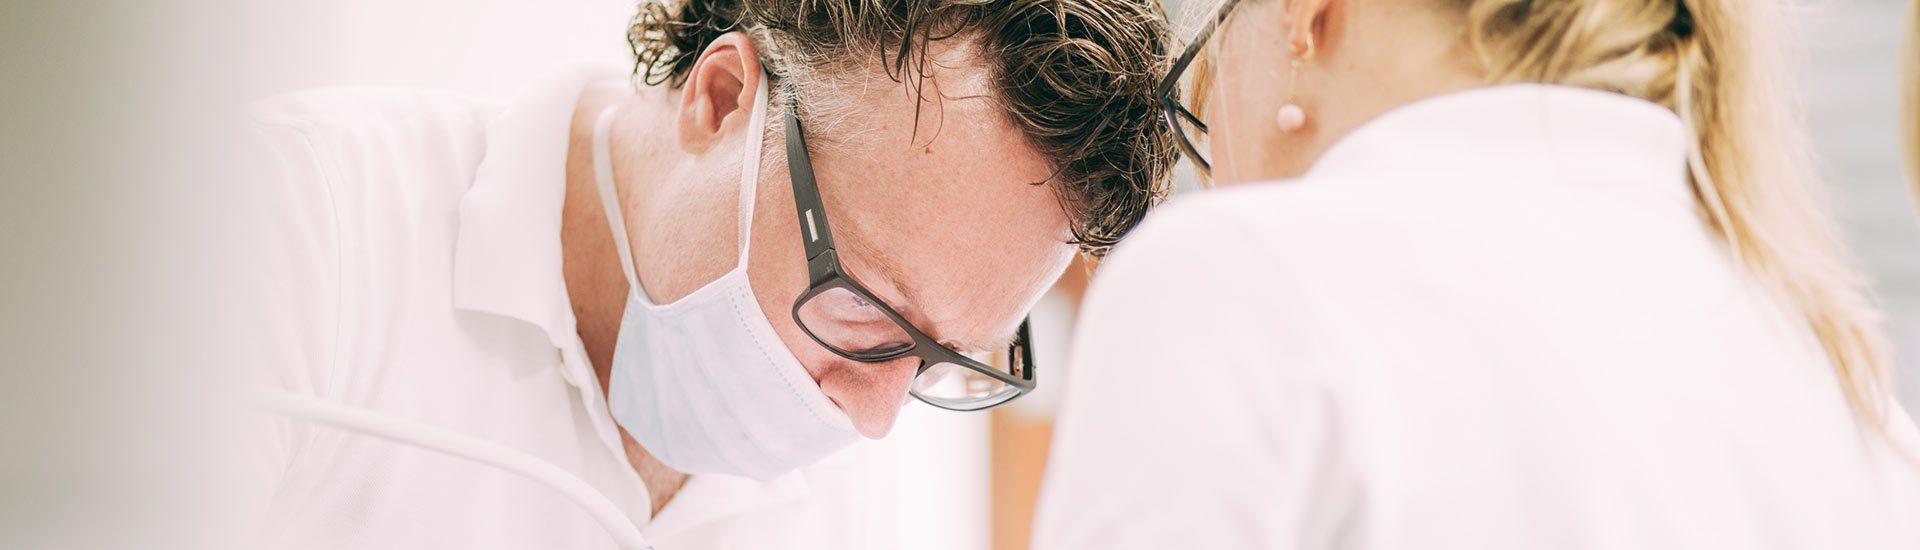 Zahnarzt Dr. Pfitzer bei einer Implantologie-Behandlung in der Zahnarztpraxis in Stuttgart